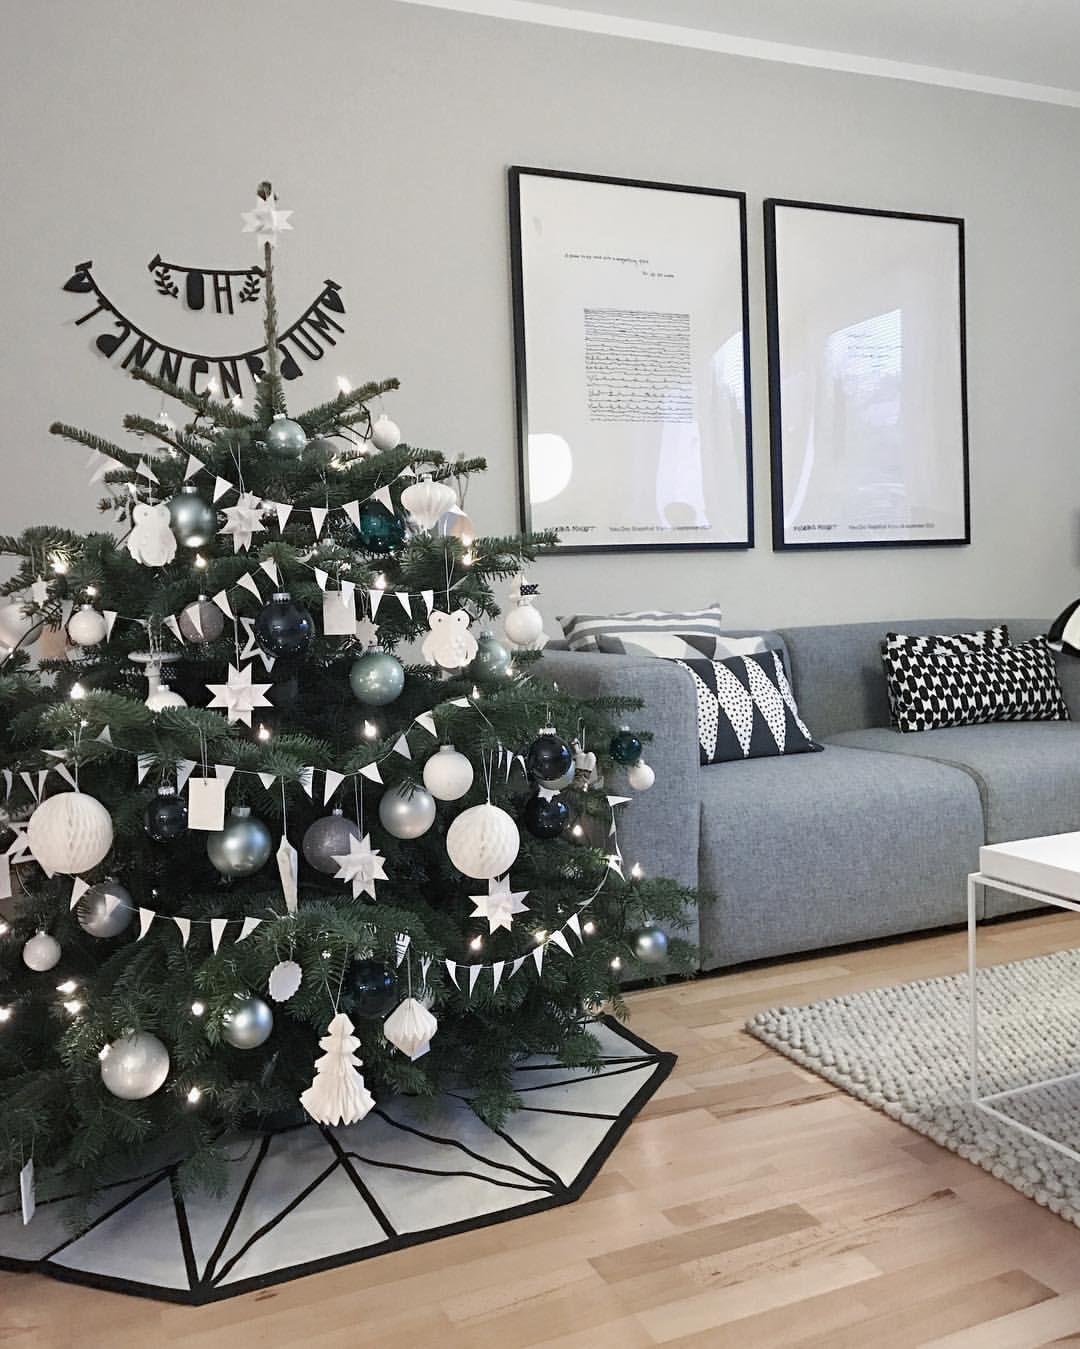 Christmastree | Weihnachtsbaum #noel2019bricolage Christmastree | Weihnachtsbaum #kerstboomversieringen2019